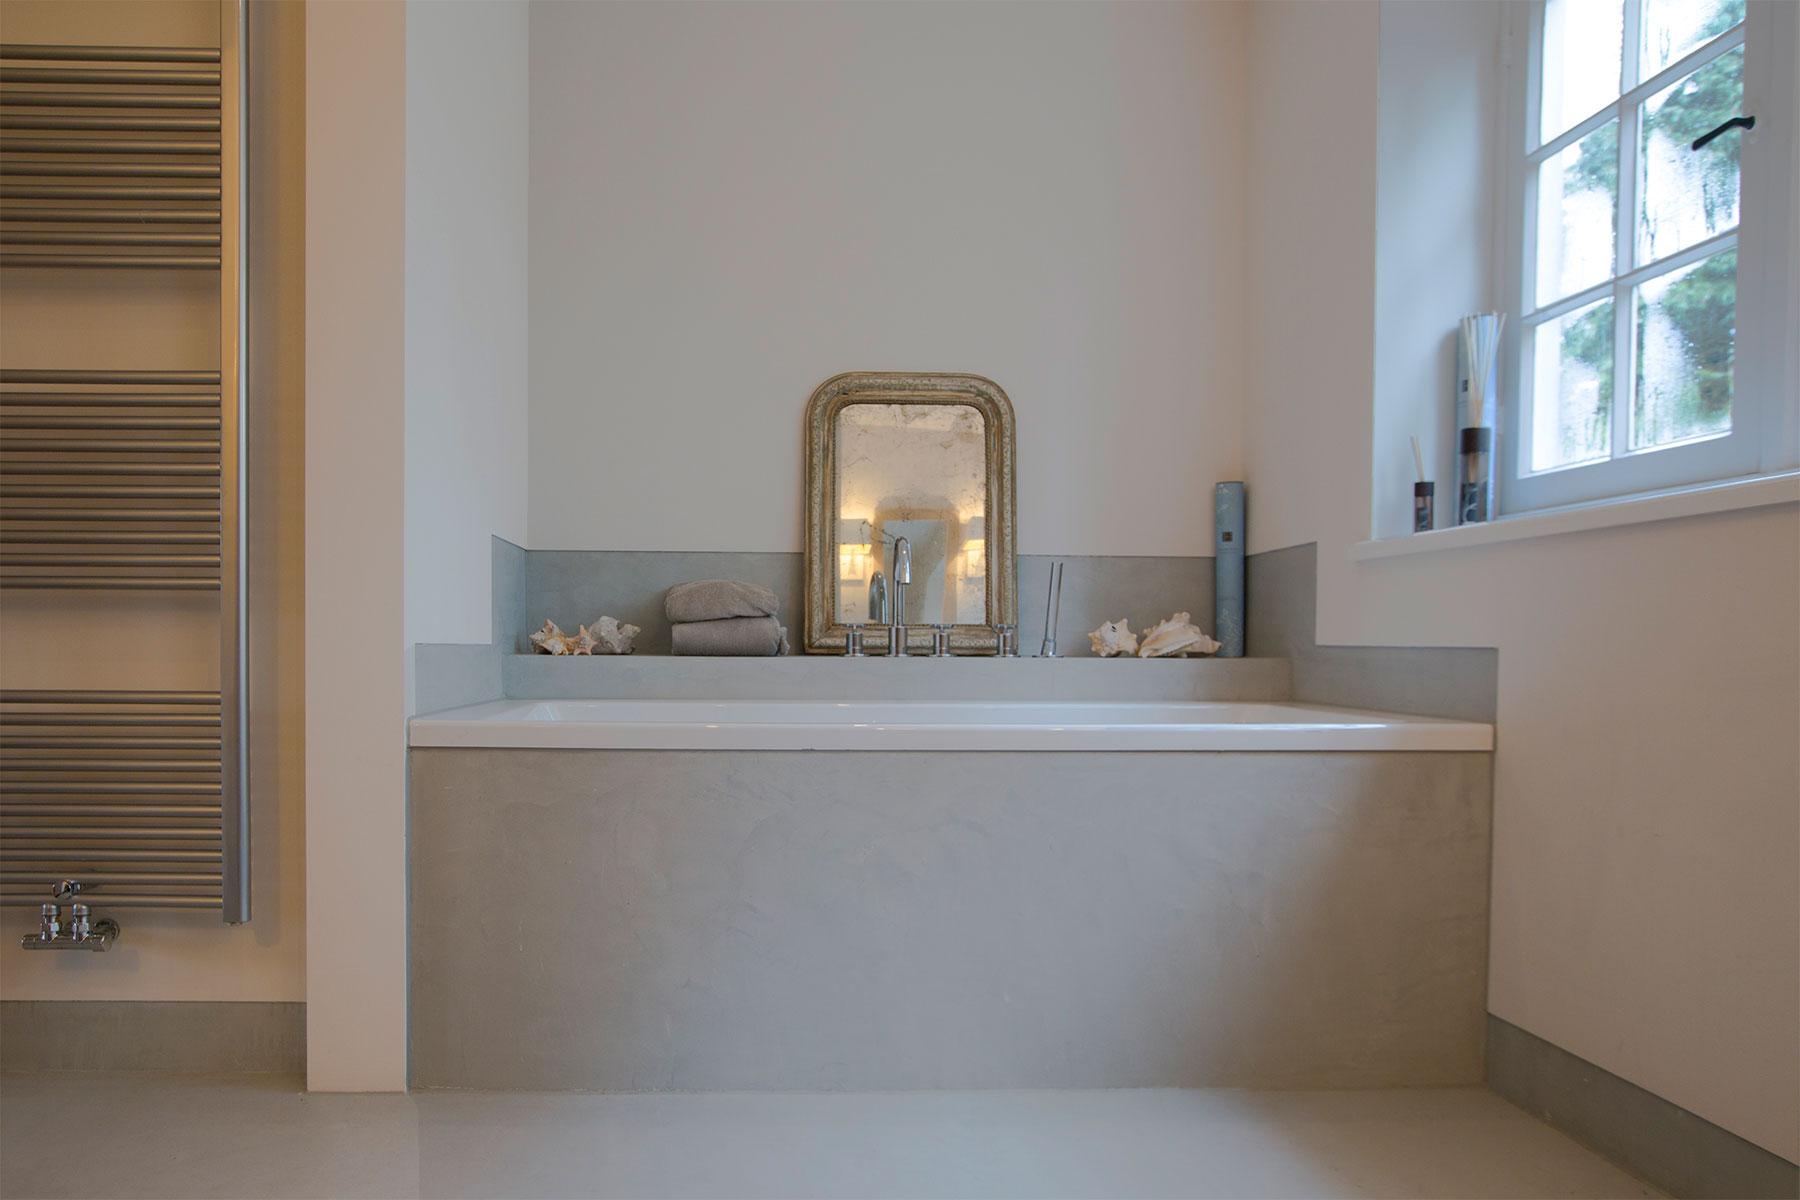 van-wulfenlaan-interieur-suzanne-holtz-studio-014-fotografie-matthijs-borghgraef